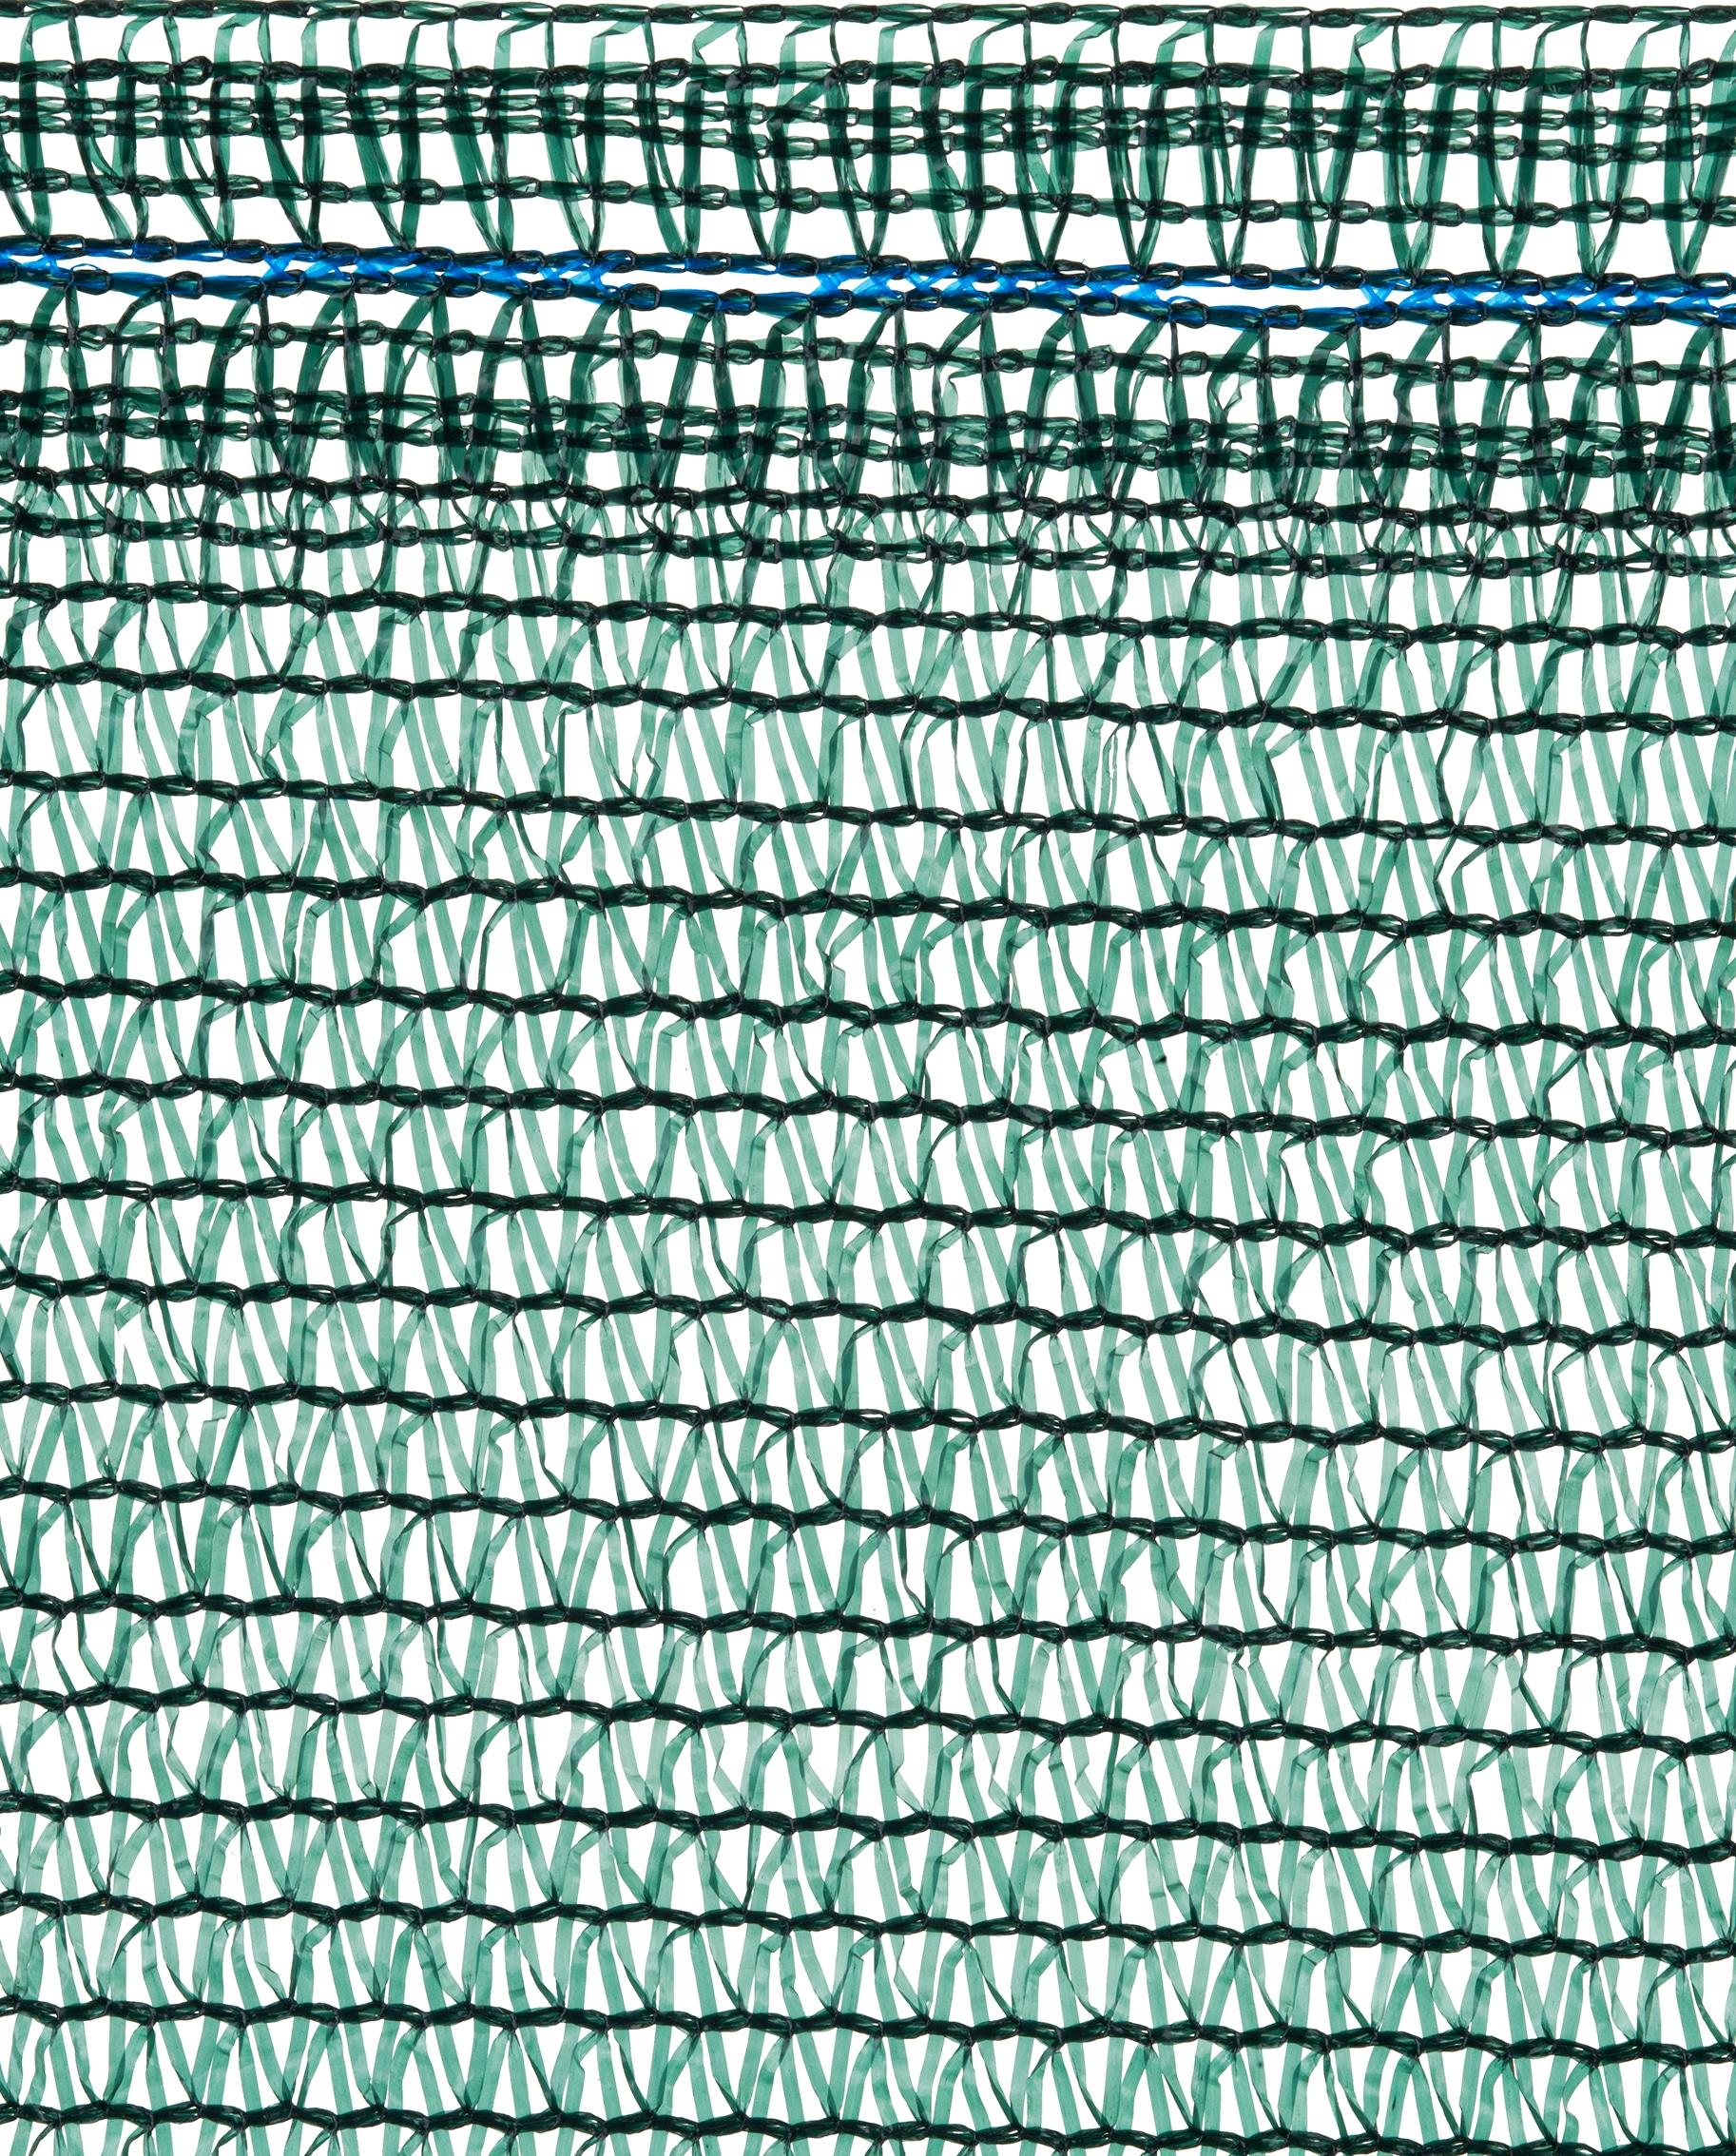 Schattiernetz